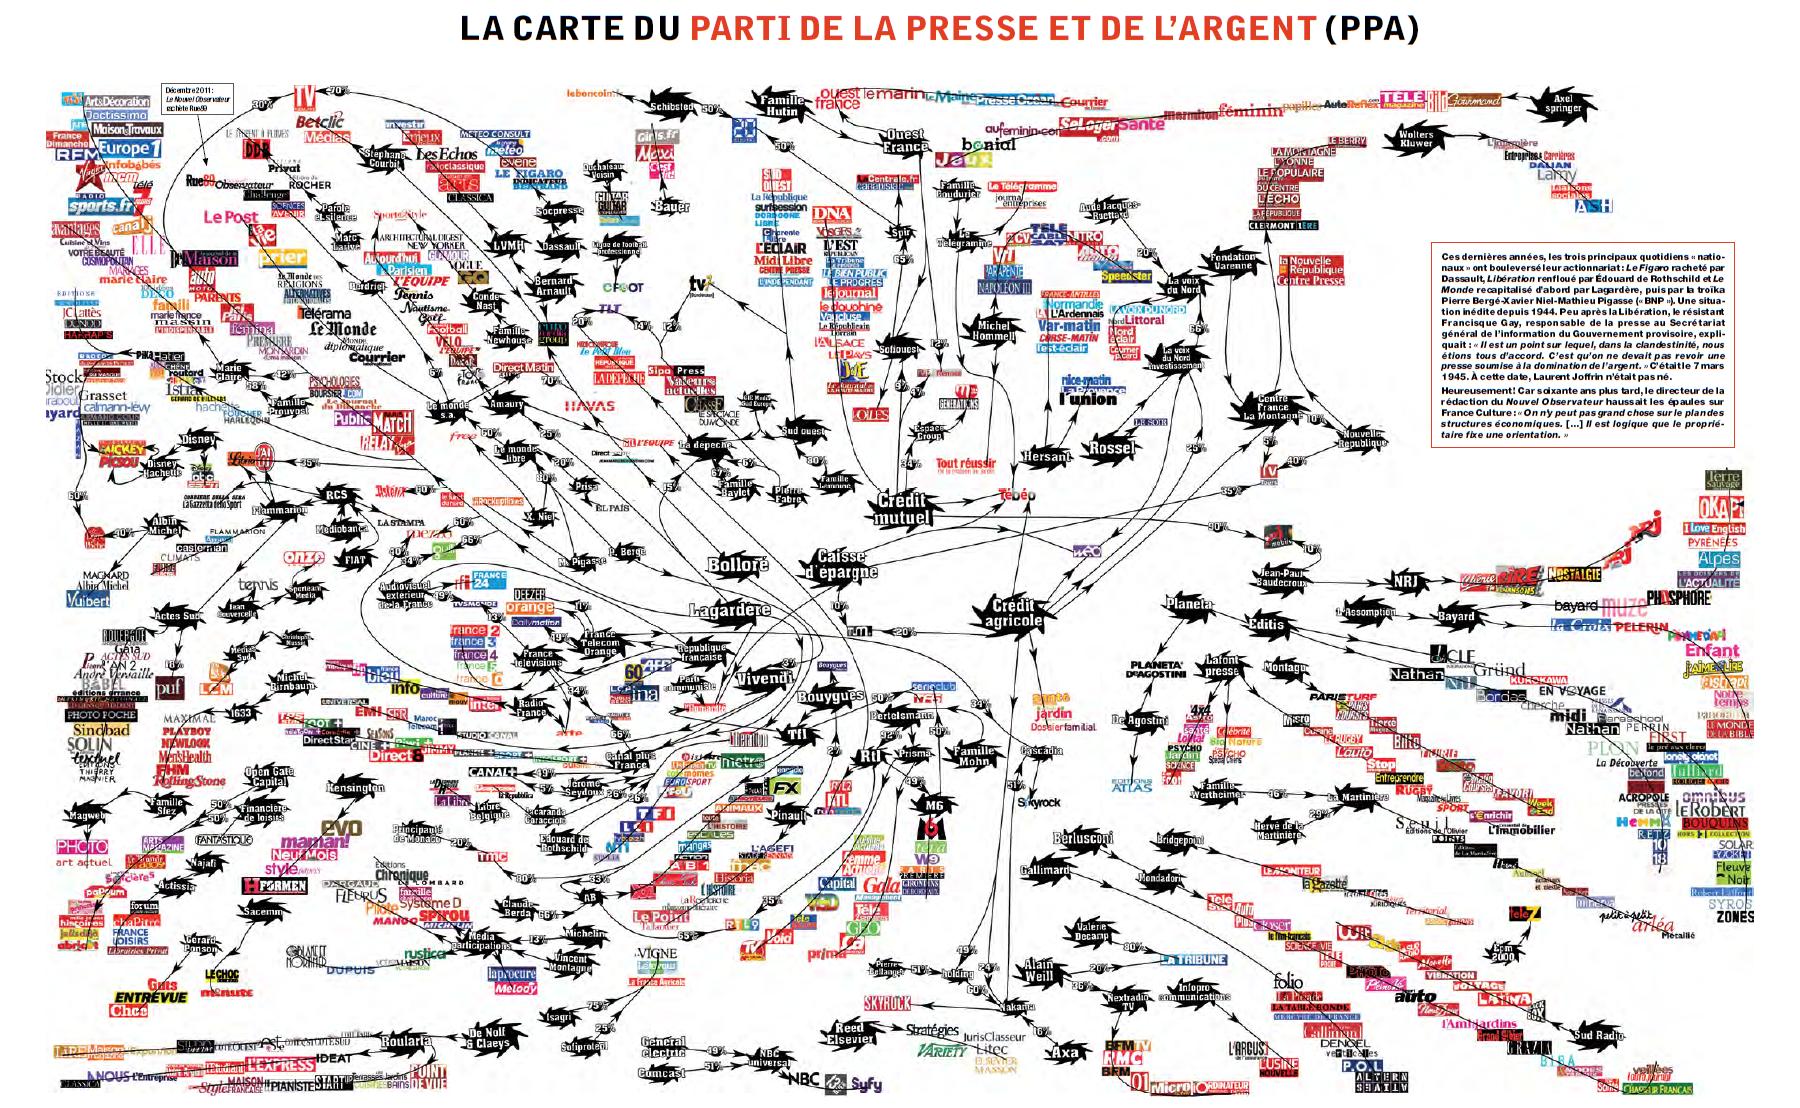 la_carte_du_parti_de_la_presse_et_de_l_argent.png